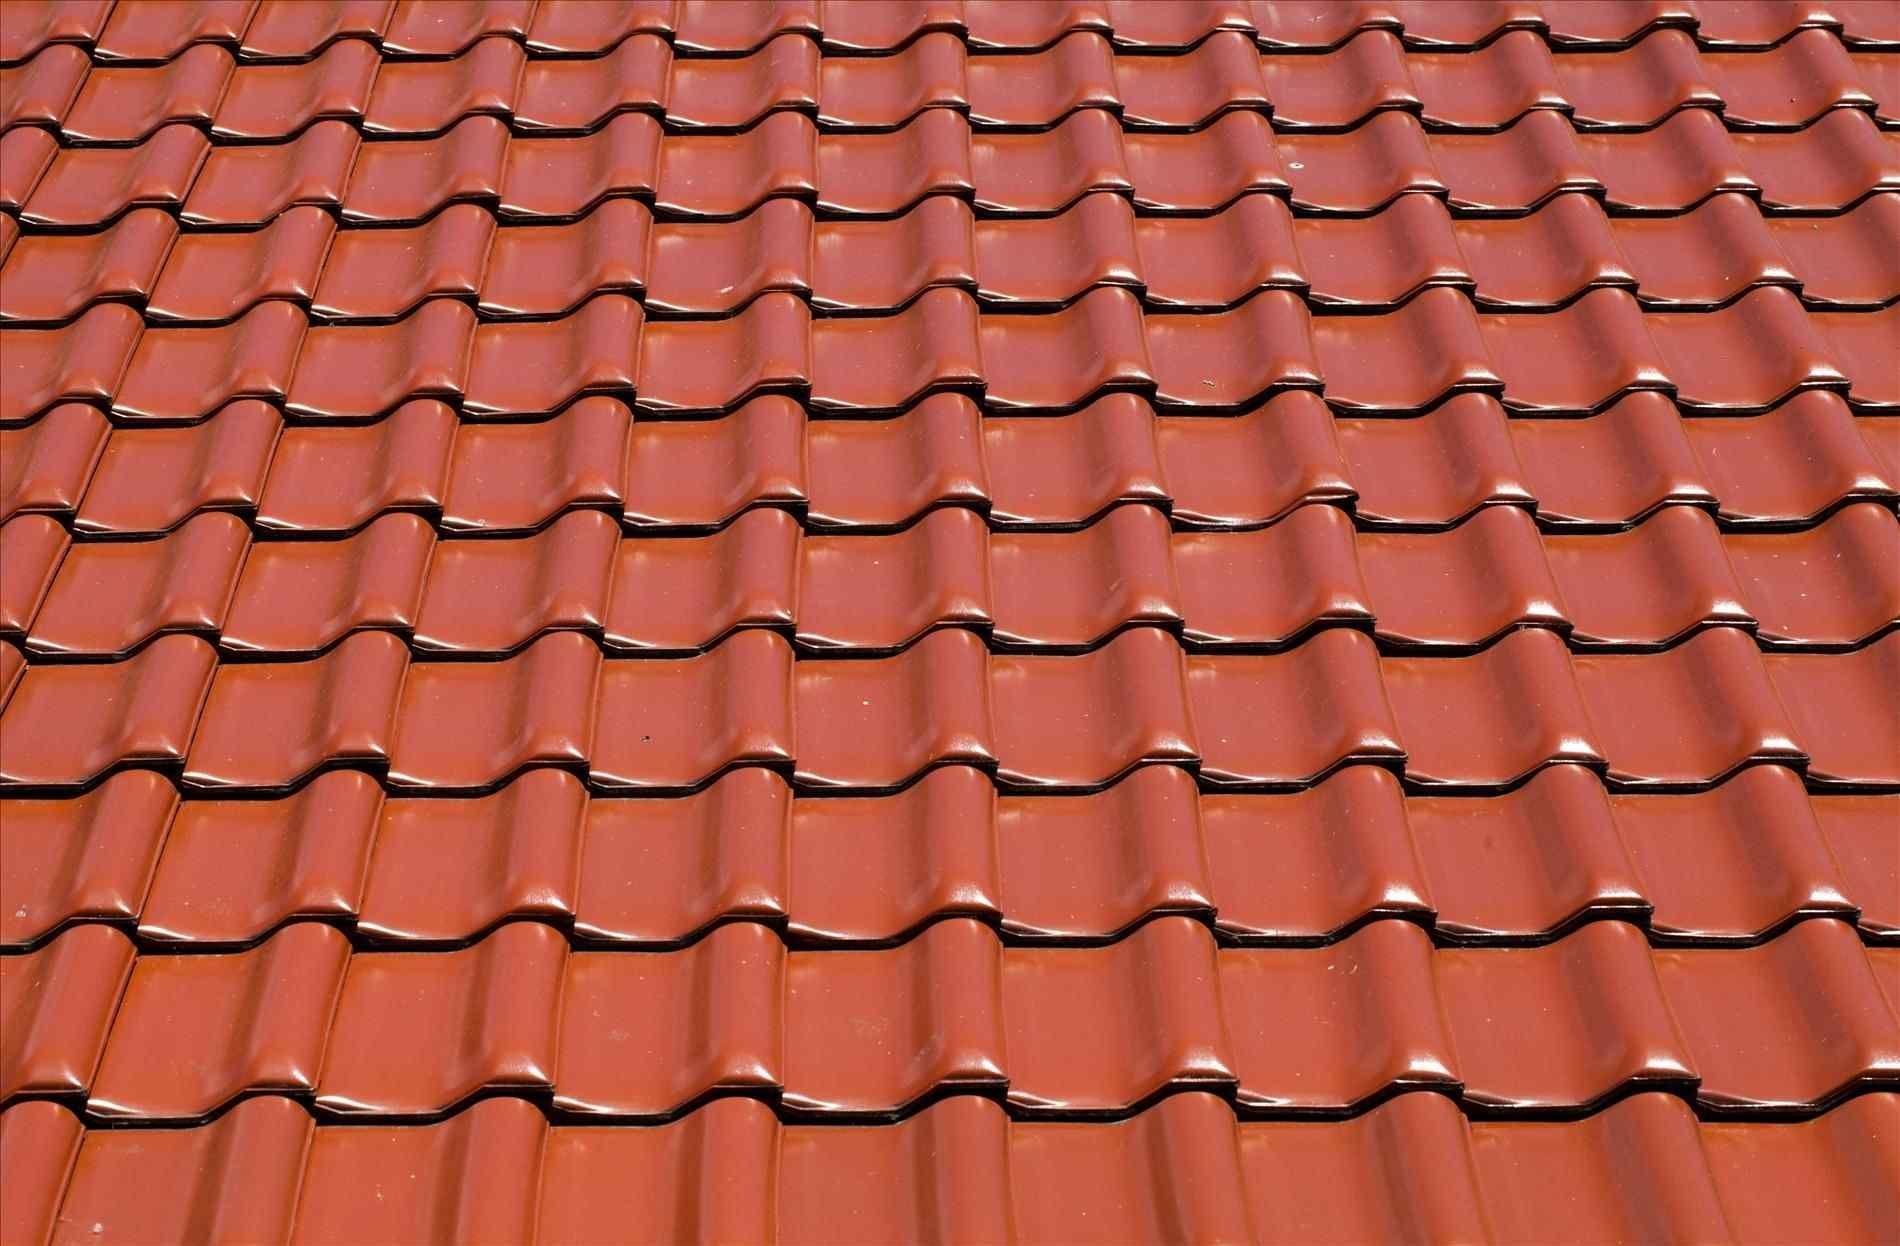 Types Of Asphalt Roof Shingles